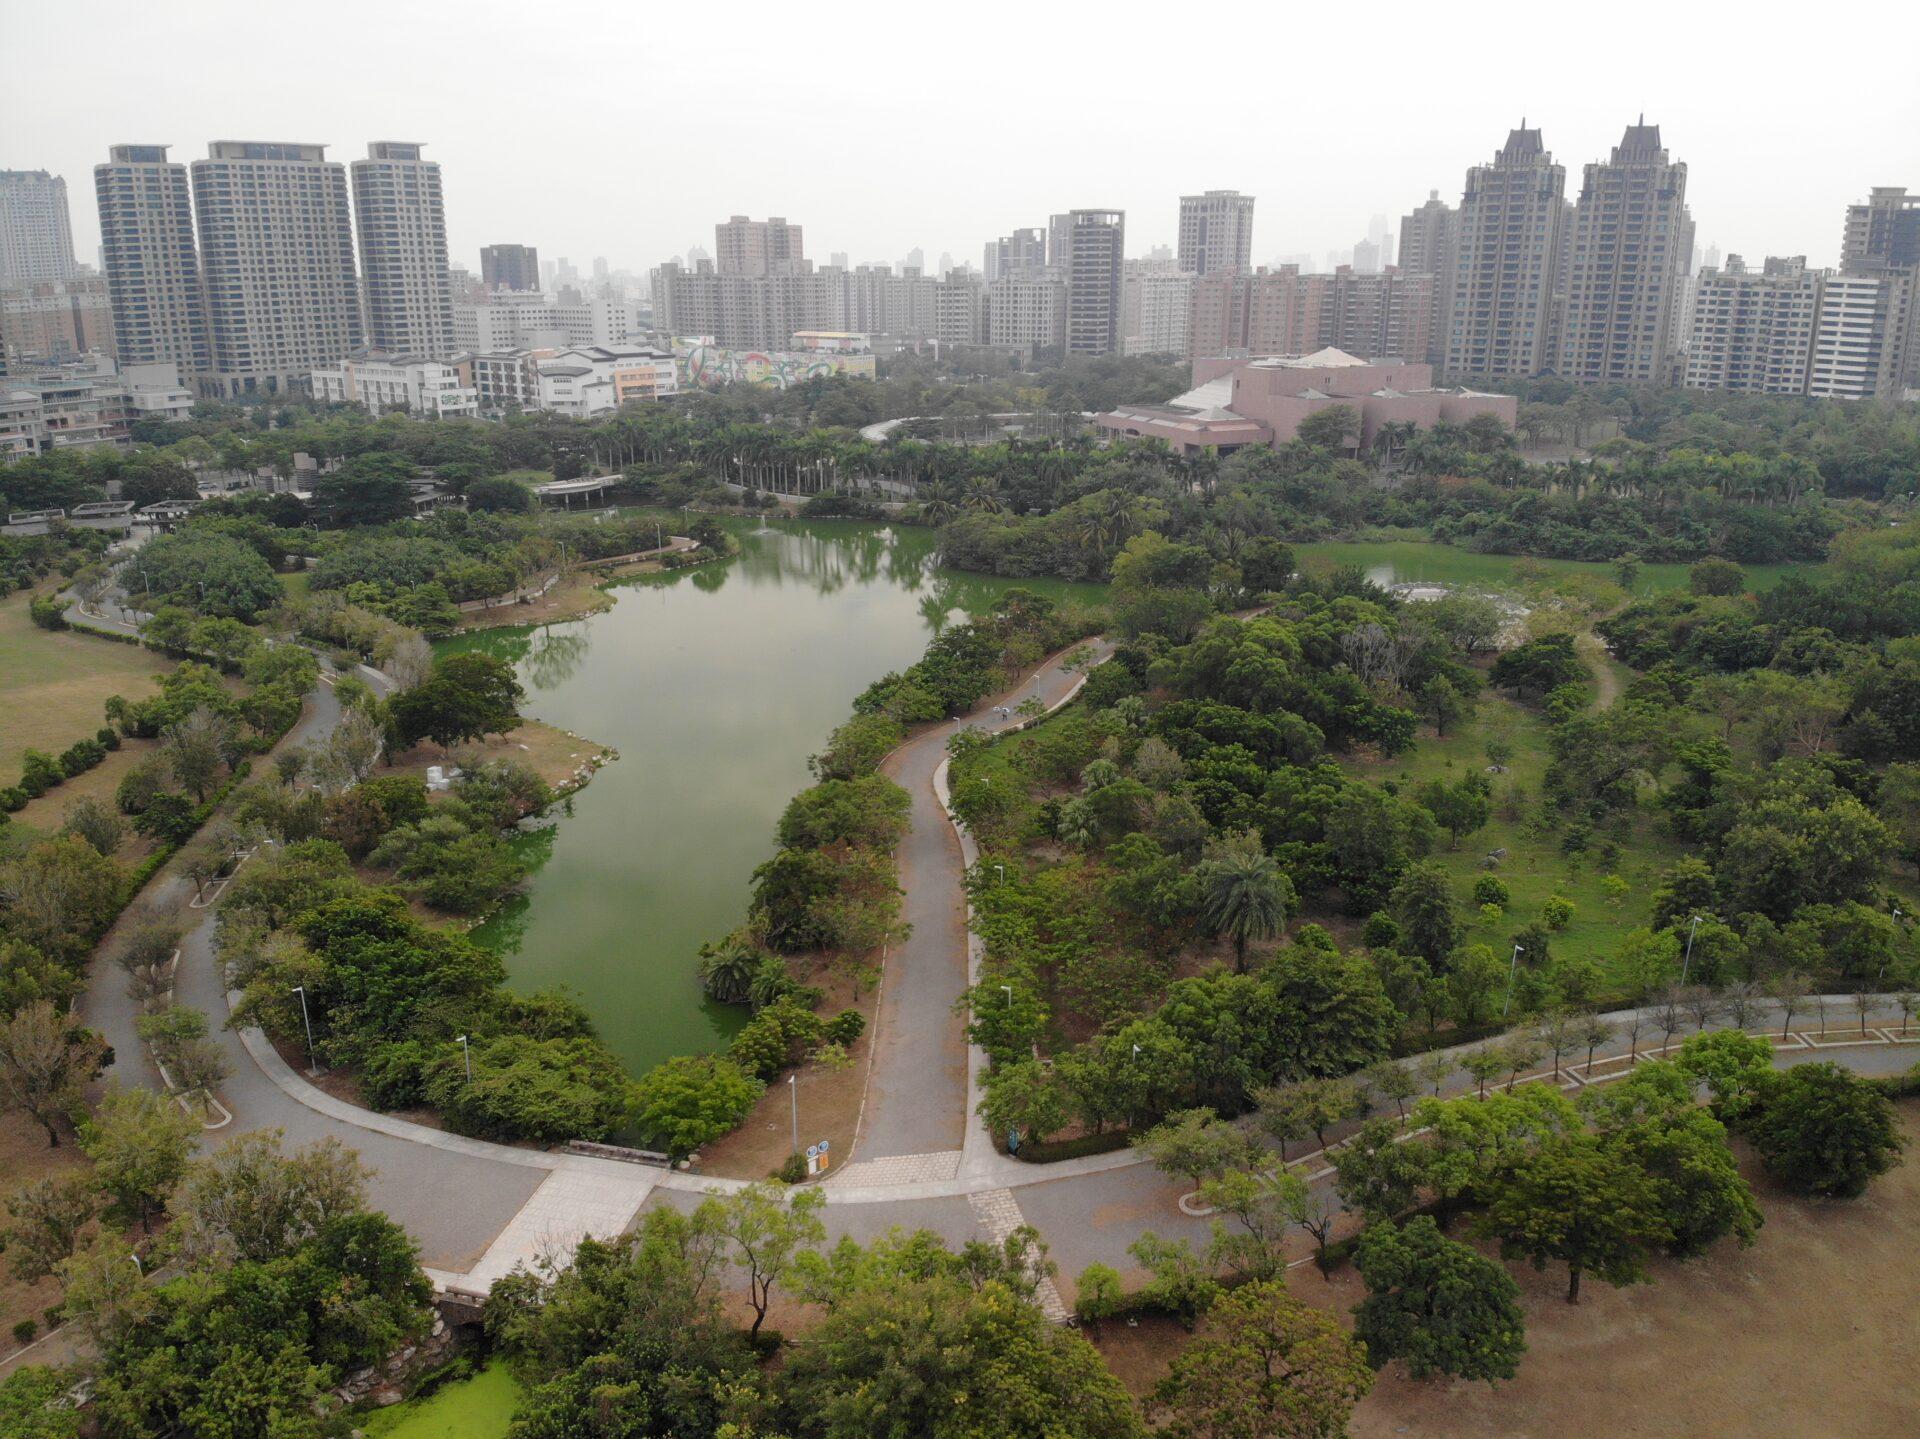 Neiweipi Park